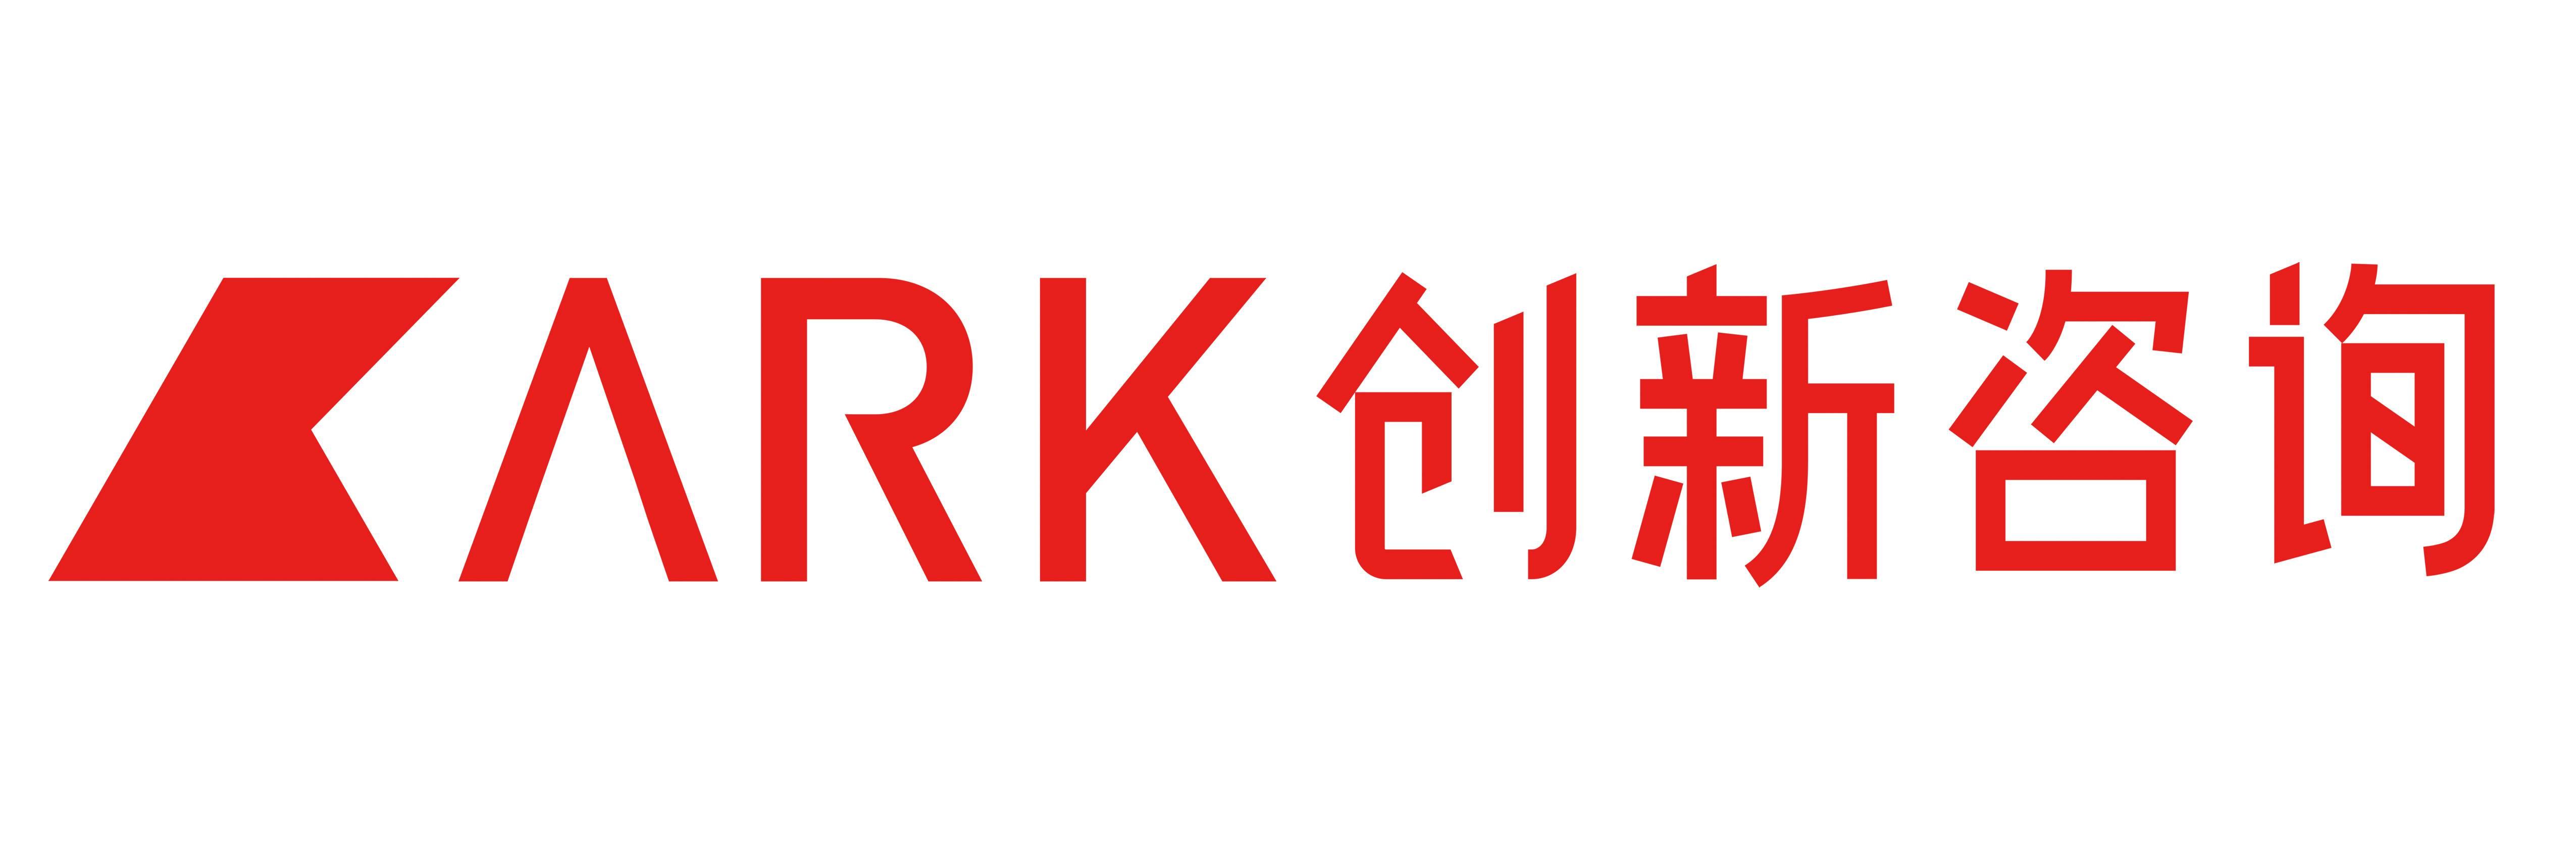 ARK创新咨询